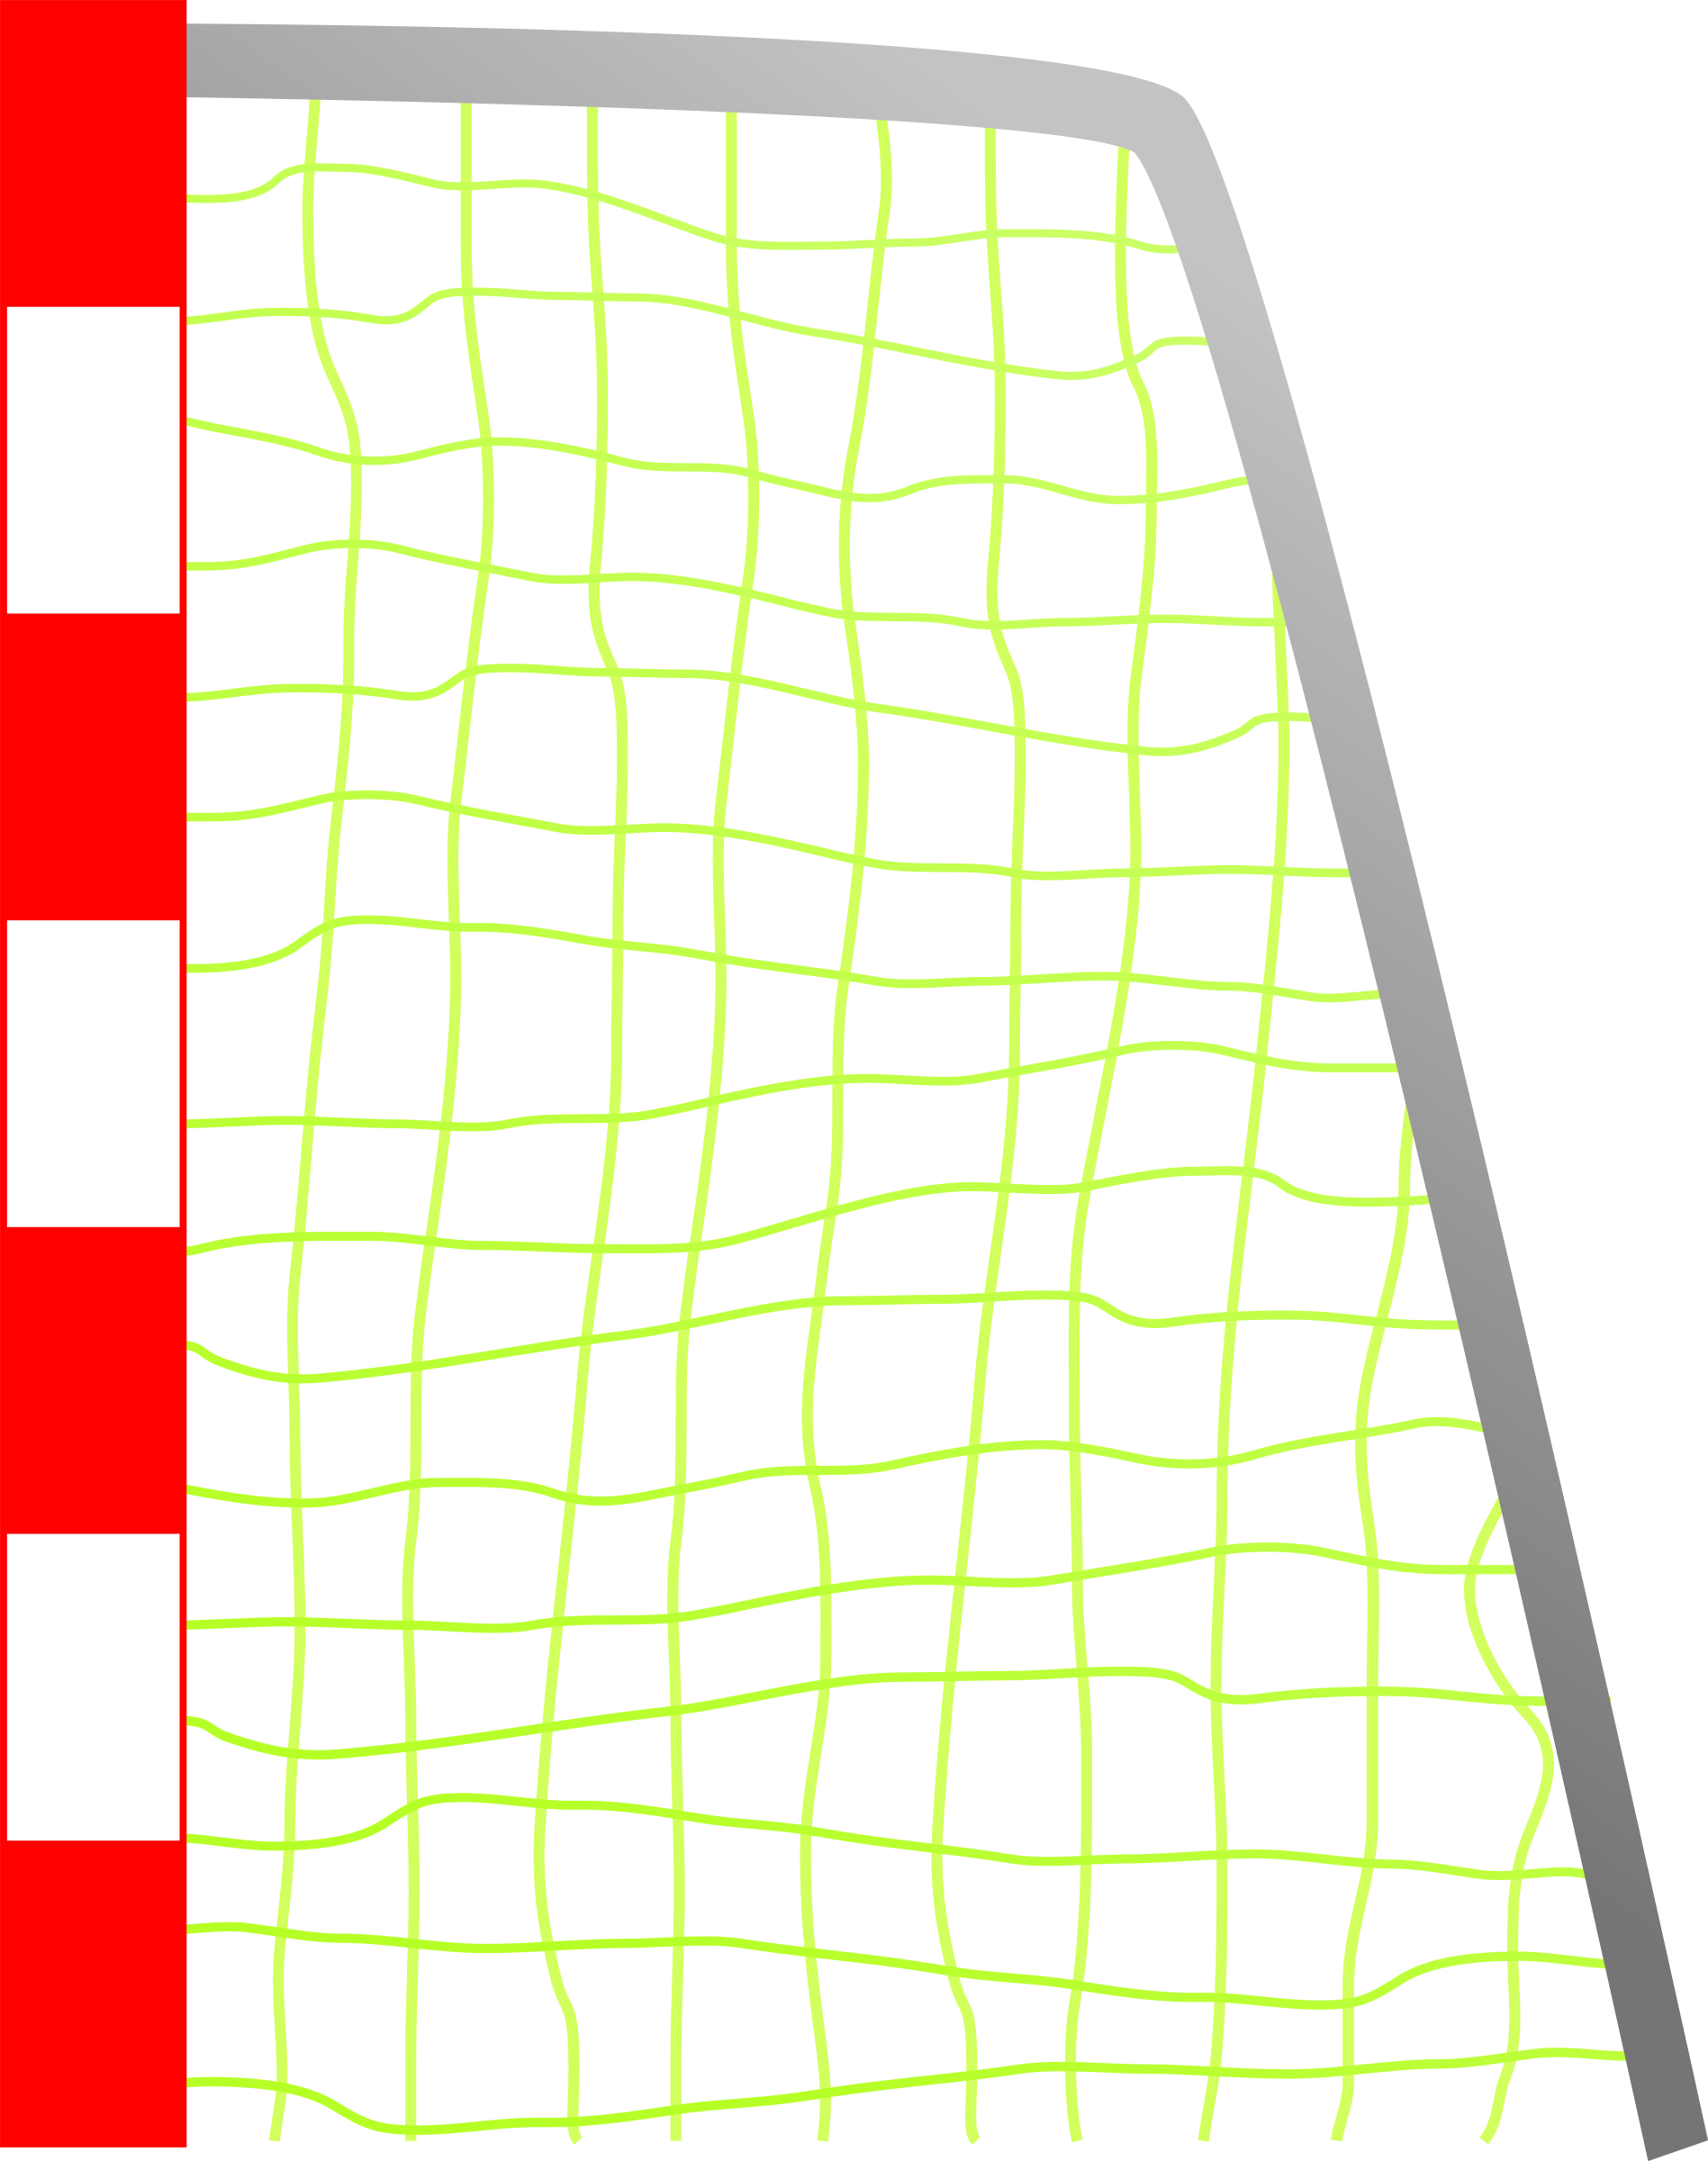 Goals clipart medium. Soccer net goal